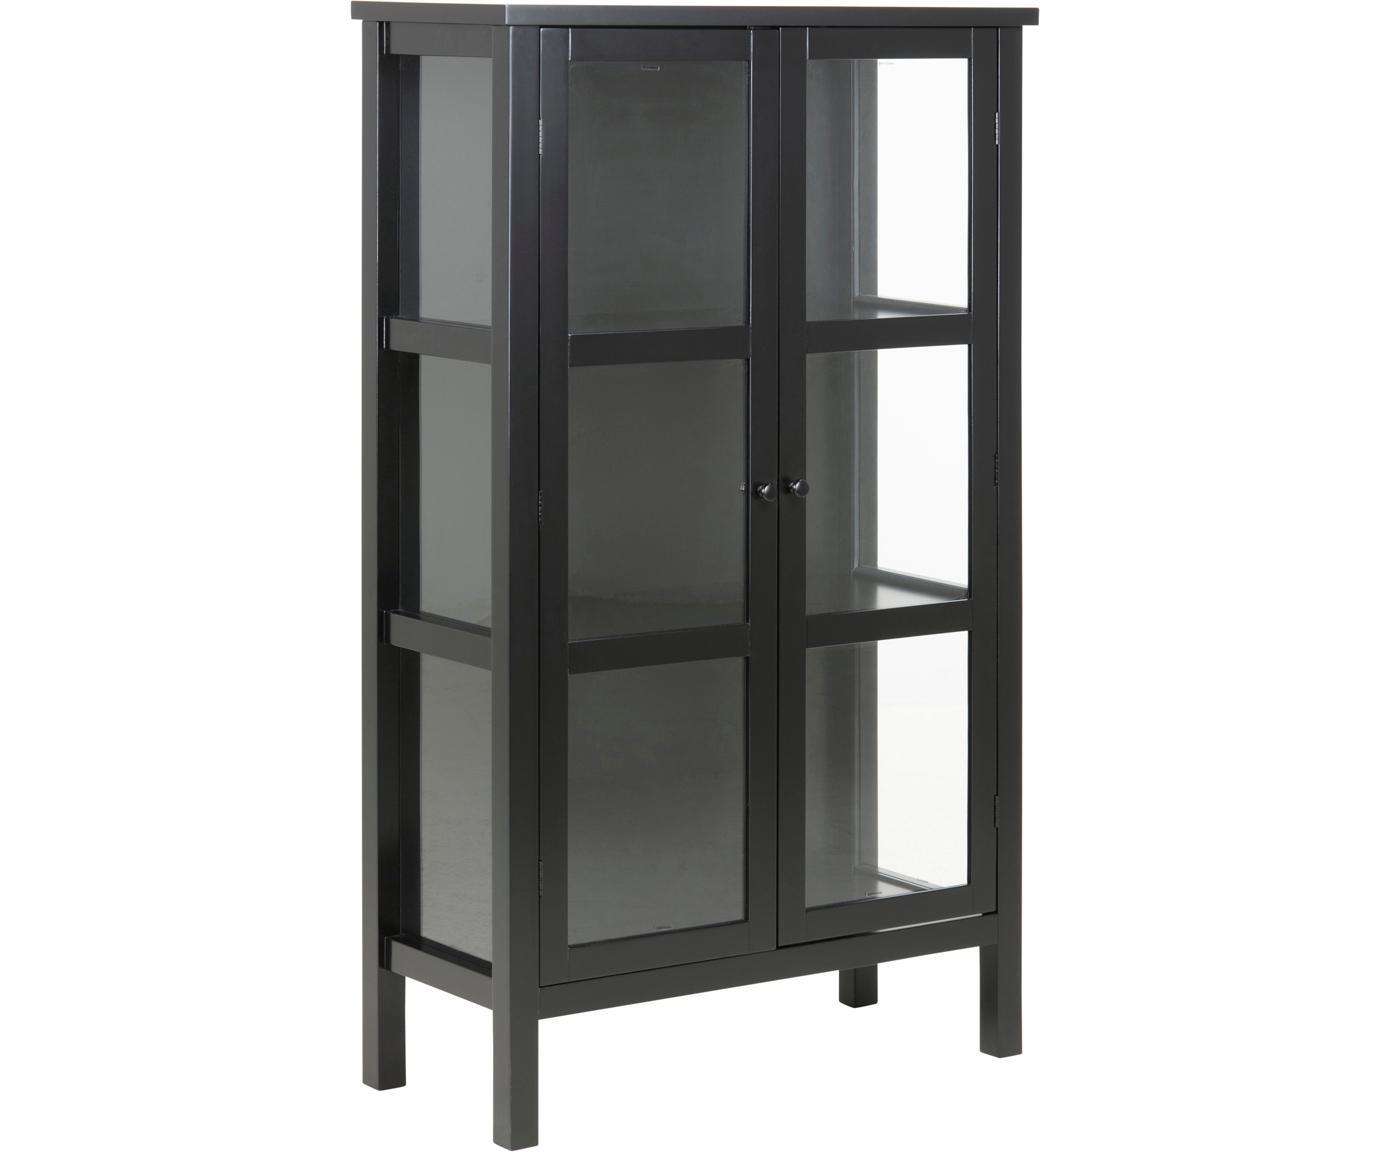 Glasvitrine Eton mit Holzrahmen, Rahmen: Mitteldichte Holzfaserpla, Front: Glas, Schwarz, 80 x 137 cm